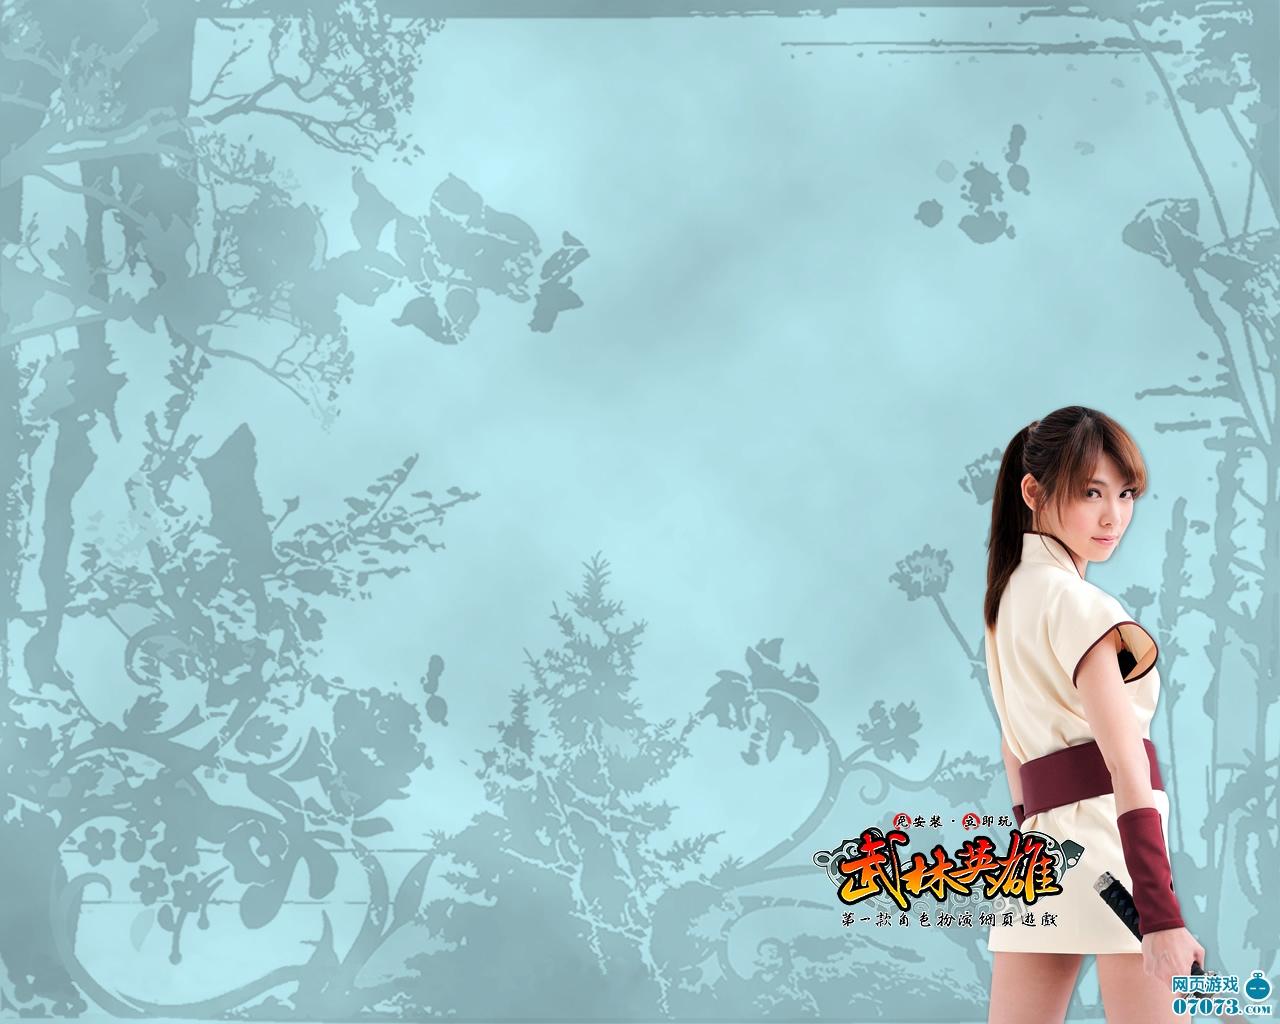 《武林英雄》是以战国时代的人物与游戏背景,让玩家可以体验角色扮演